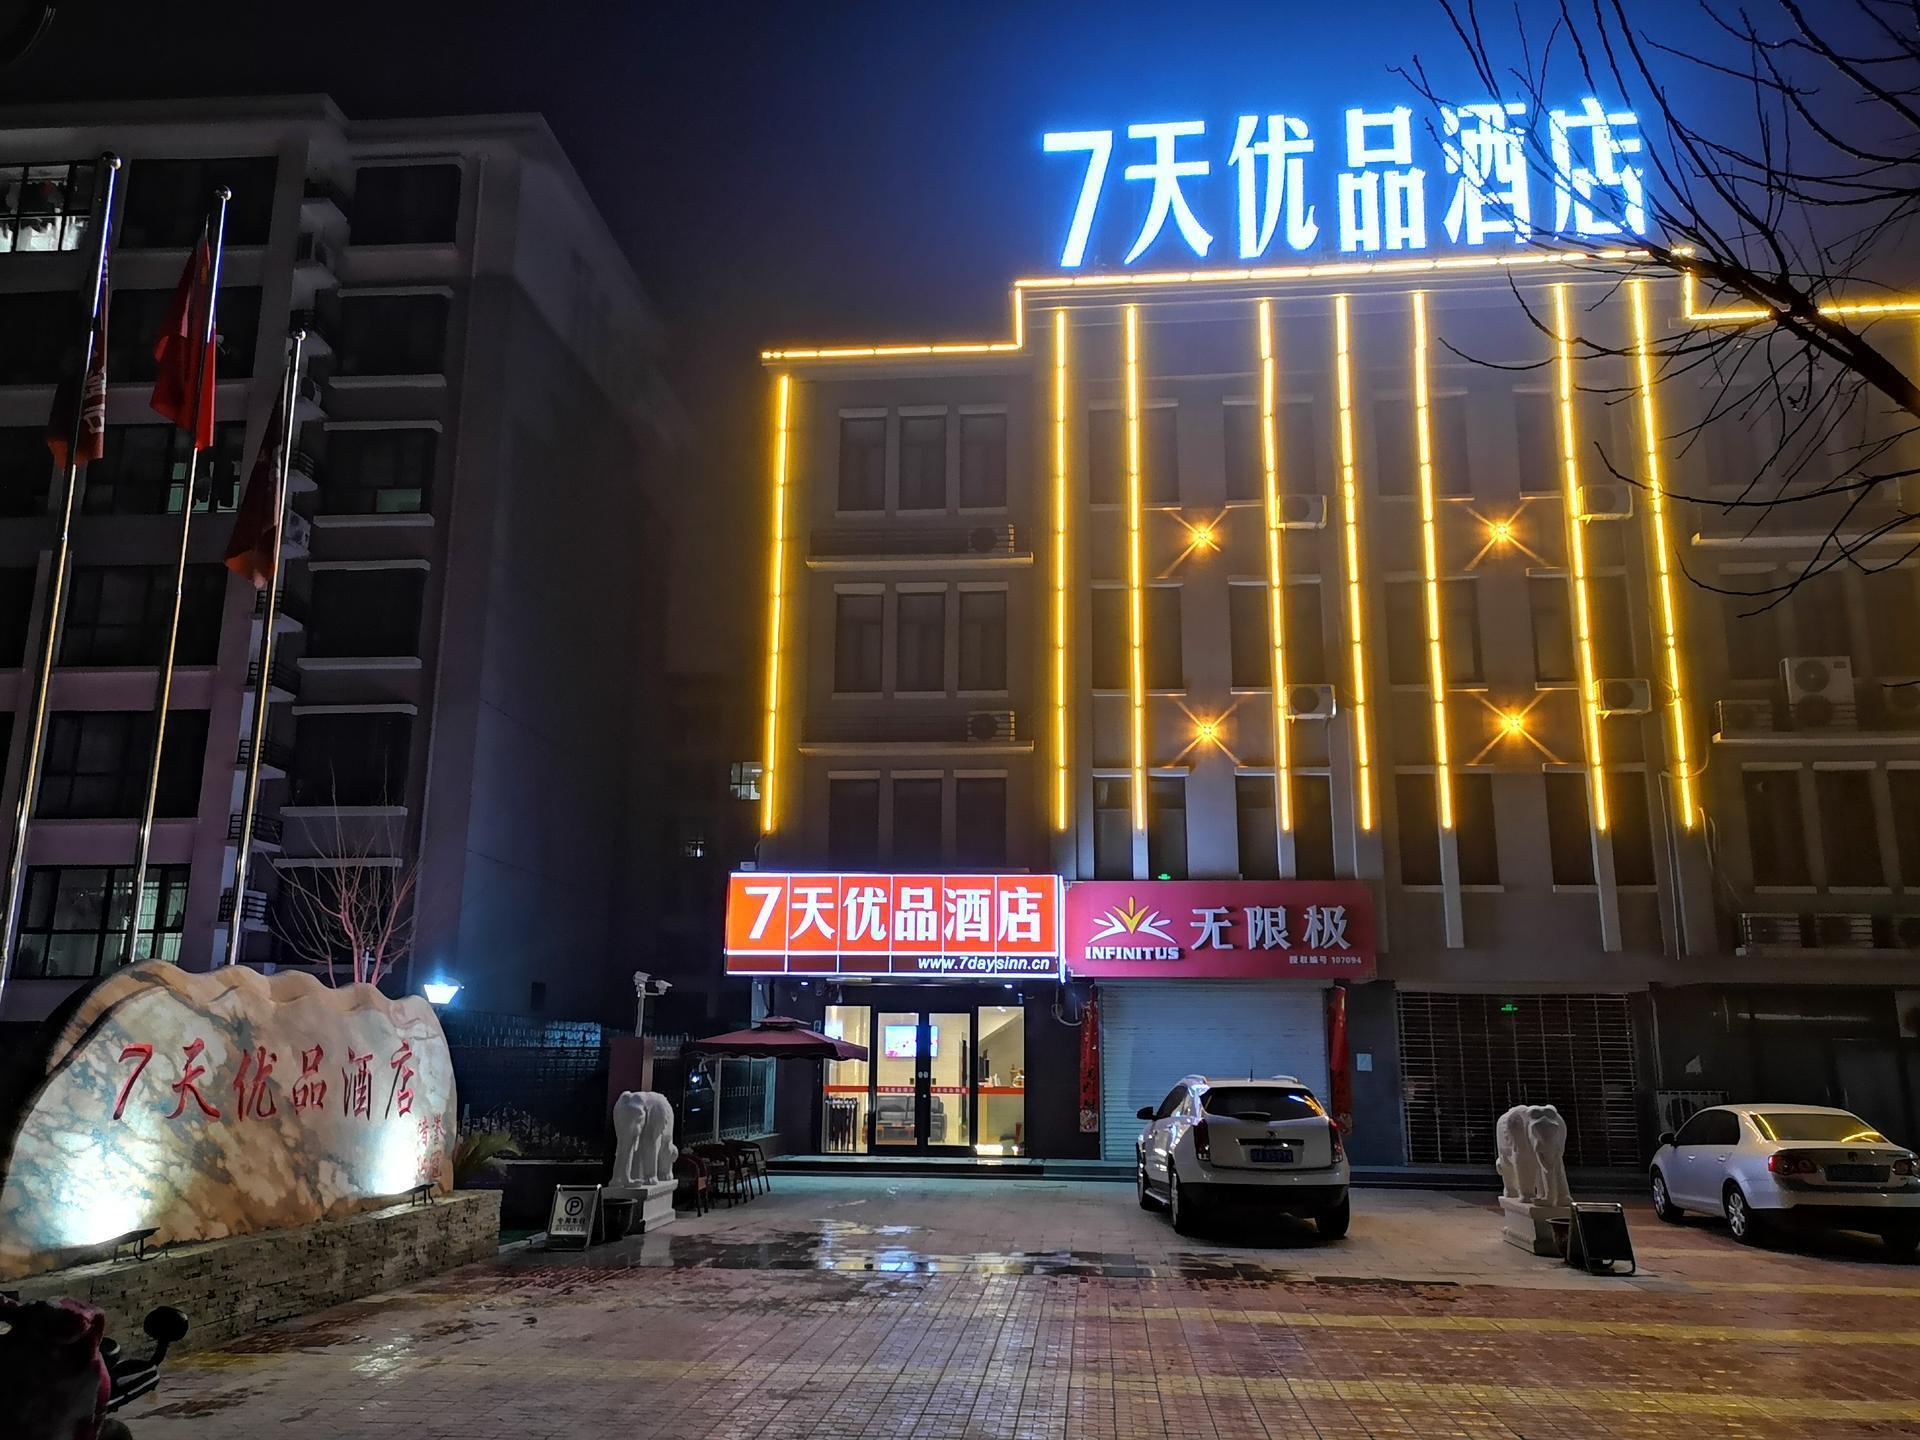 7 Days Premium�Xingtai Country Commercial Street Nanyan Tianguang Xingfuli